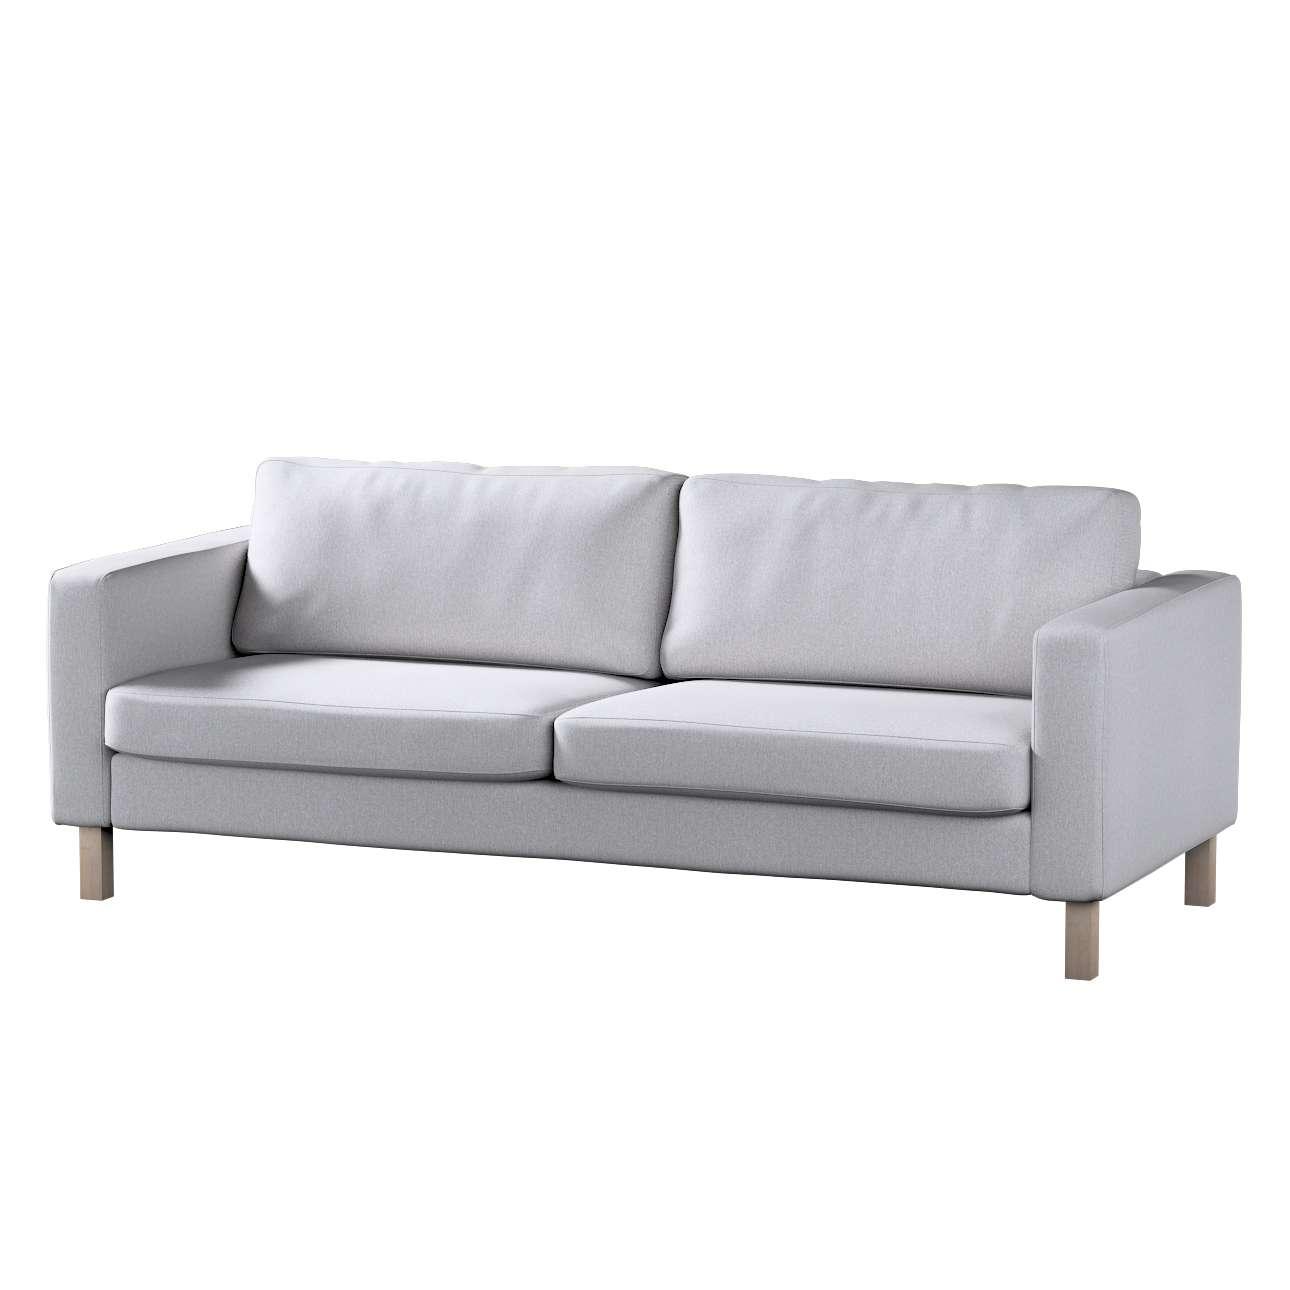 Karlstad 3-Sitzer Sofabezug nicht ausklappbar kurz von der Kollektion Amsterdam, Stoff: 704-45